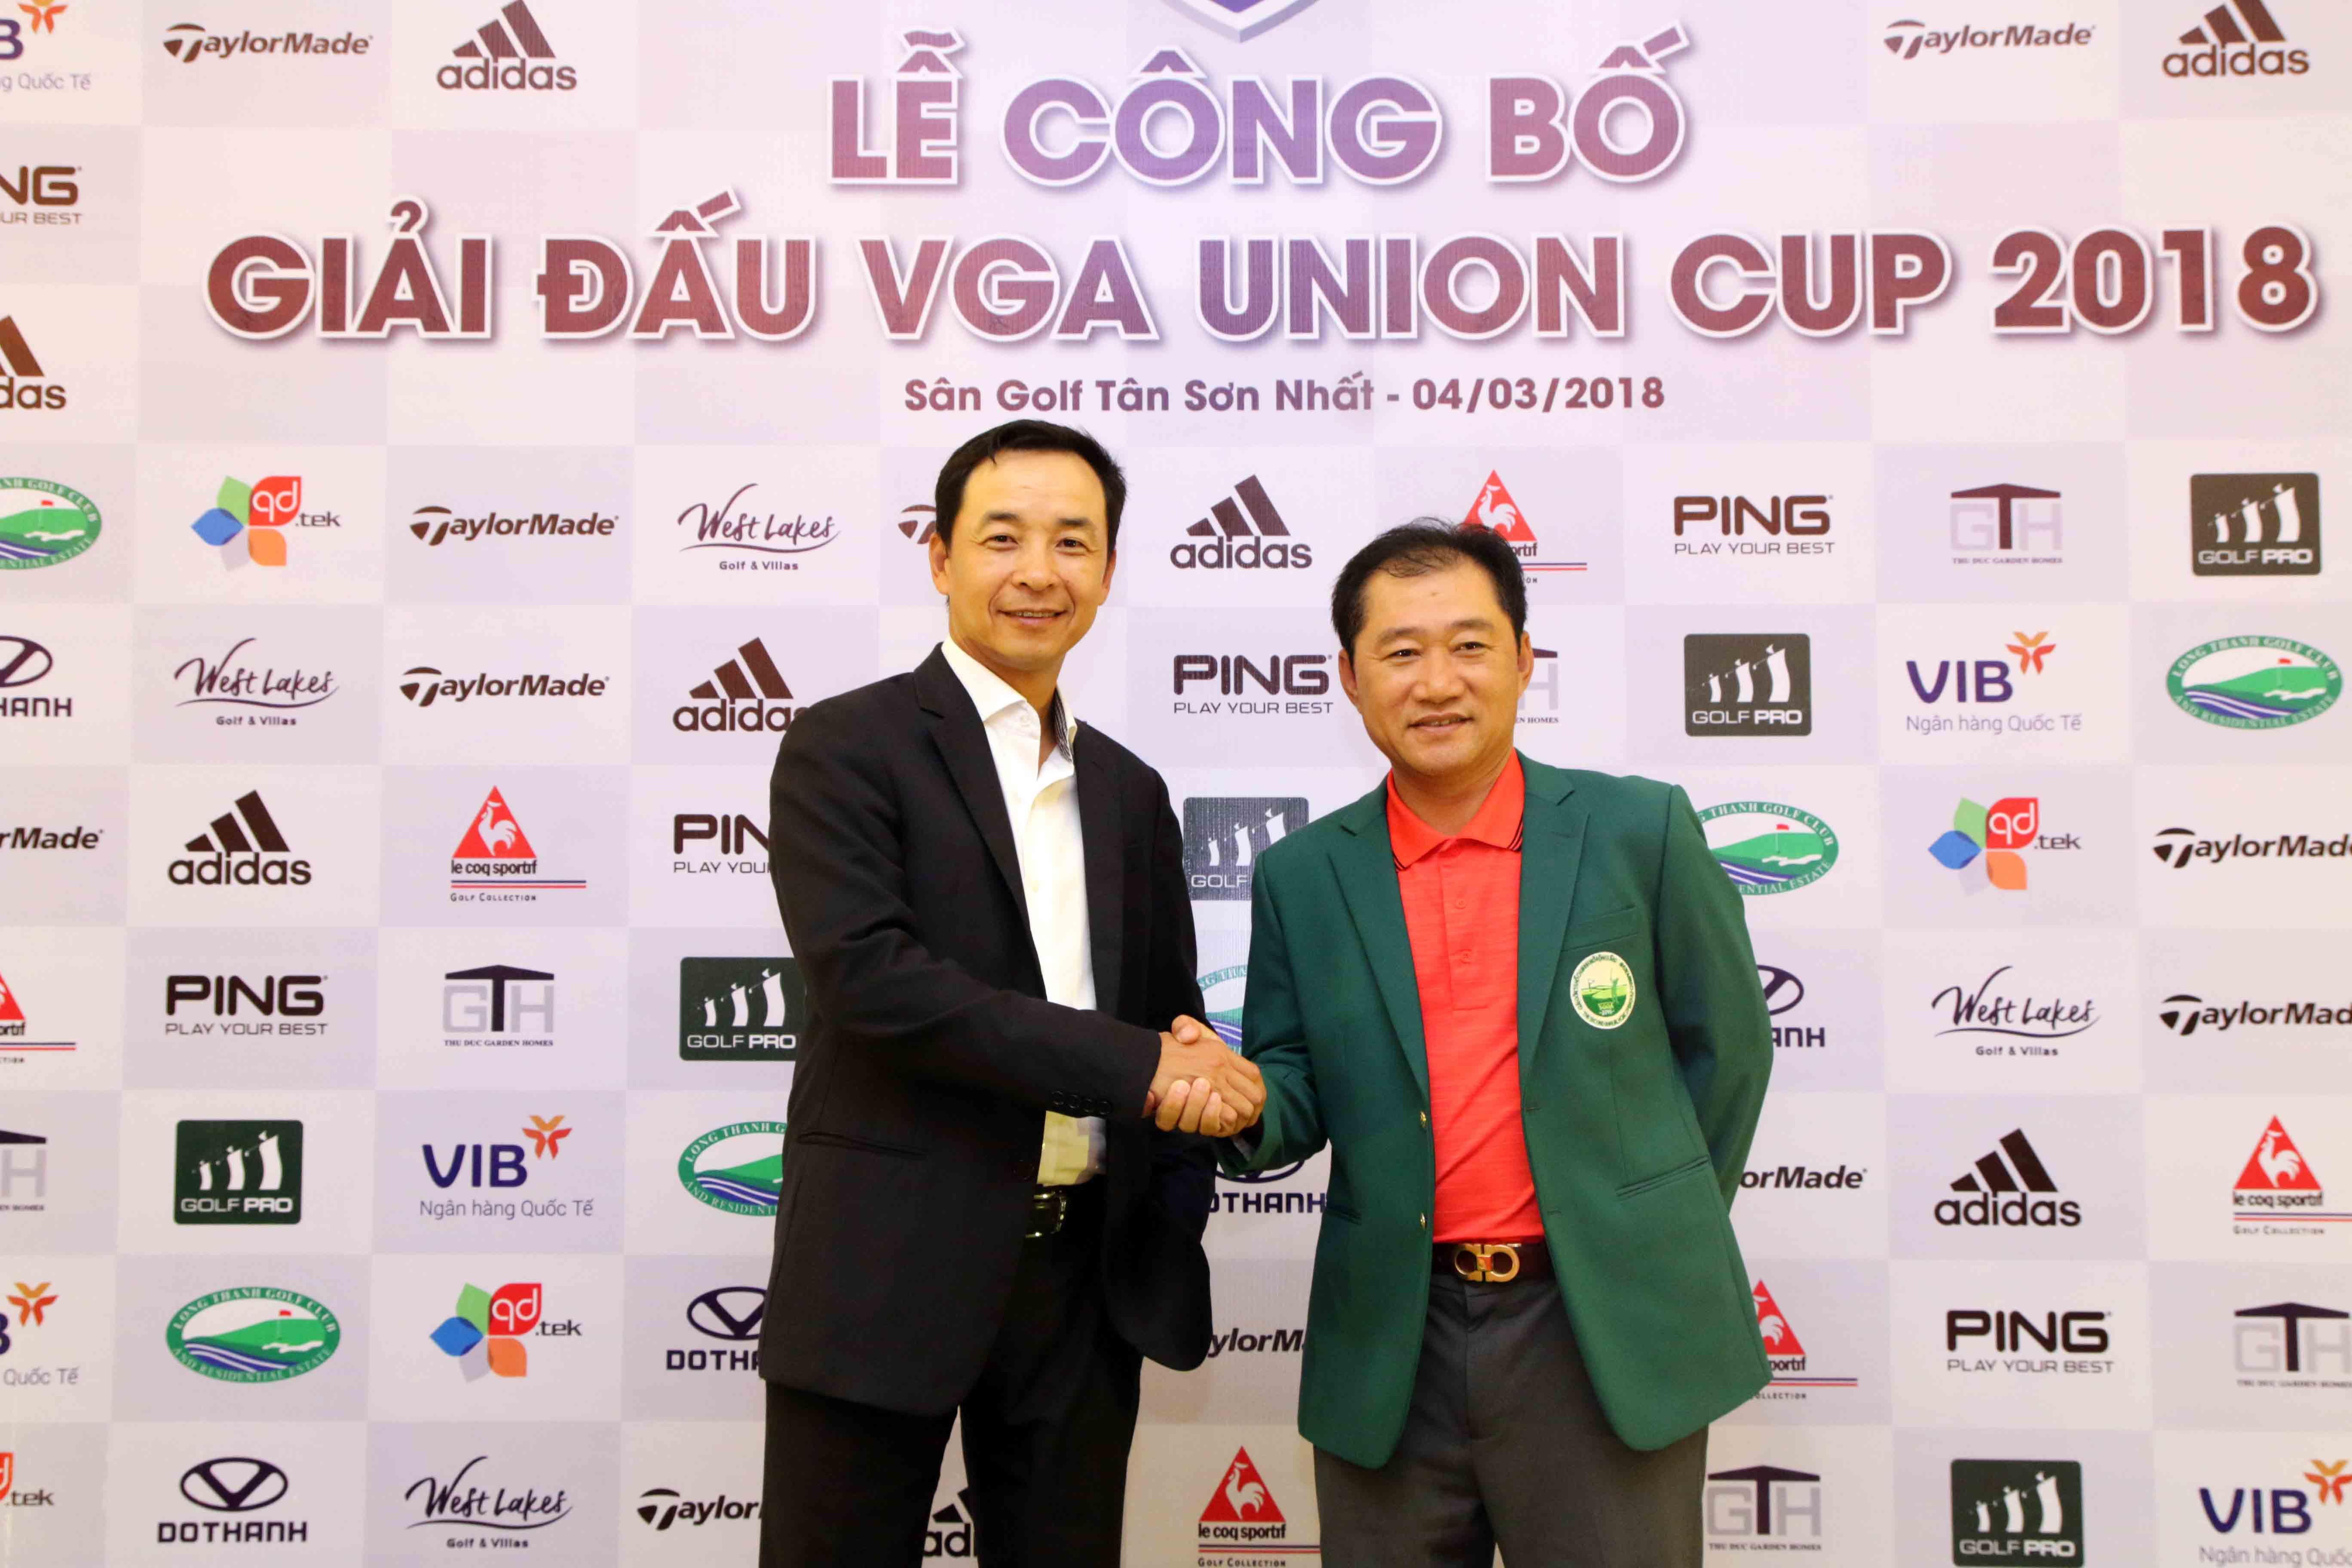 Đội trưởng đội tuyển miền Bắc(trái) Lê Hùng Nam và đội trưởng đội tuyển miền Nam Andrew Hùng Phạm tại buổi họp báo thông tin về giải đấu hôm 4-3 ở TP.HCM. Ảnh: NGUYÊN KHÔI